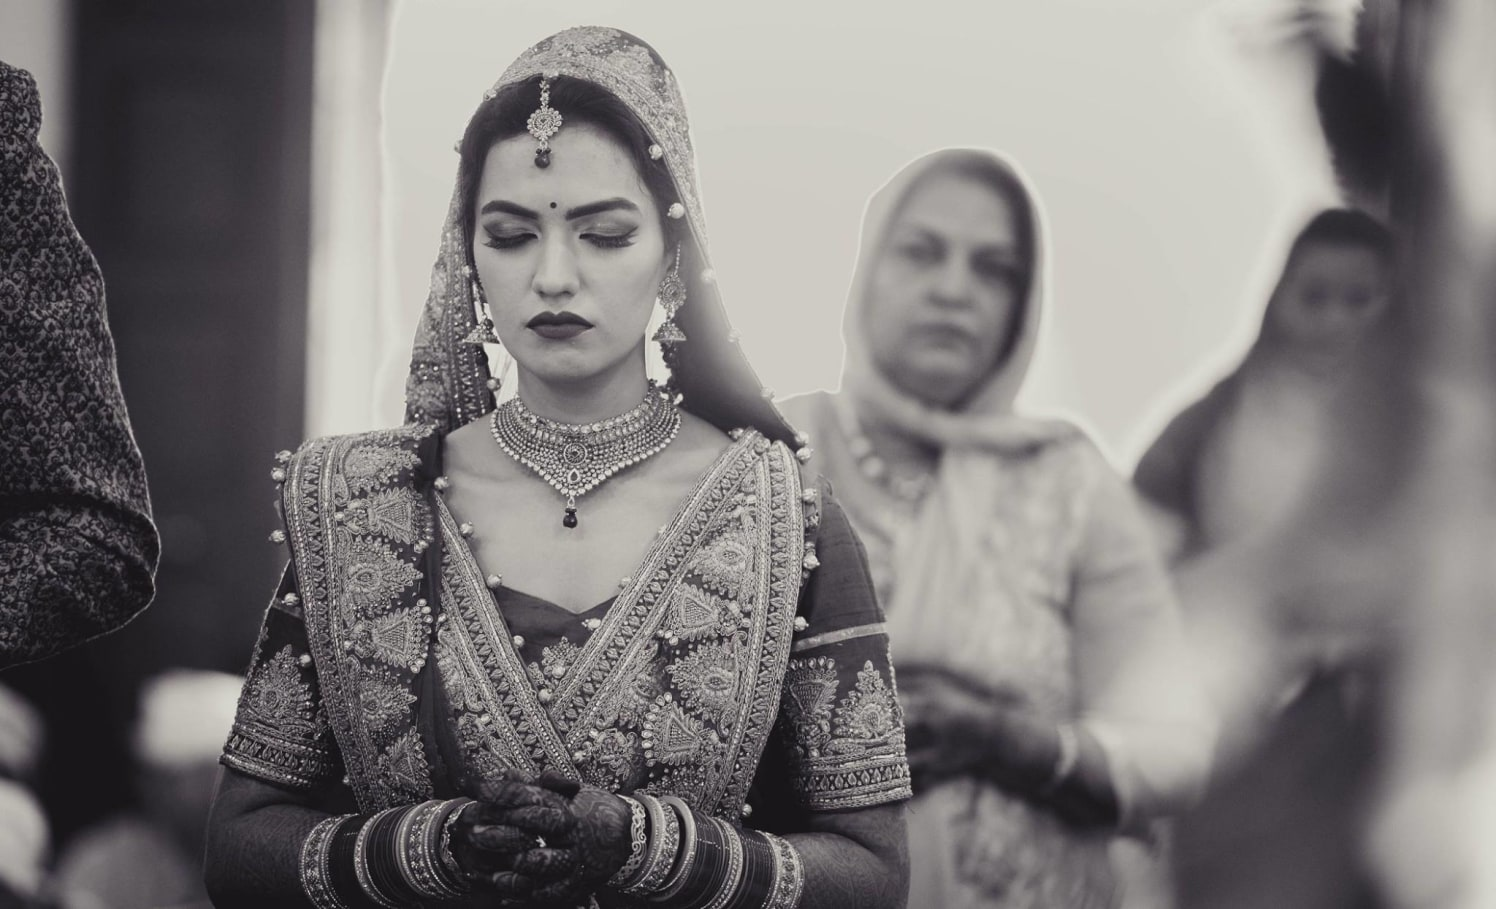 The Punjabi bride's Candid Shot Captured by Dushyantha Kumar C Wedding-photography | Weddings Photos & Ideas